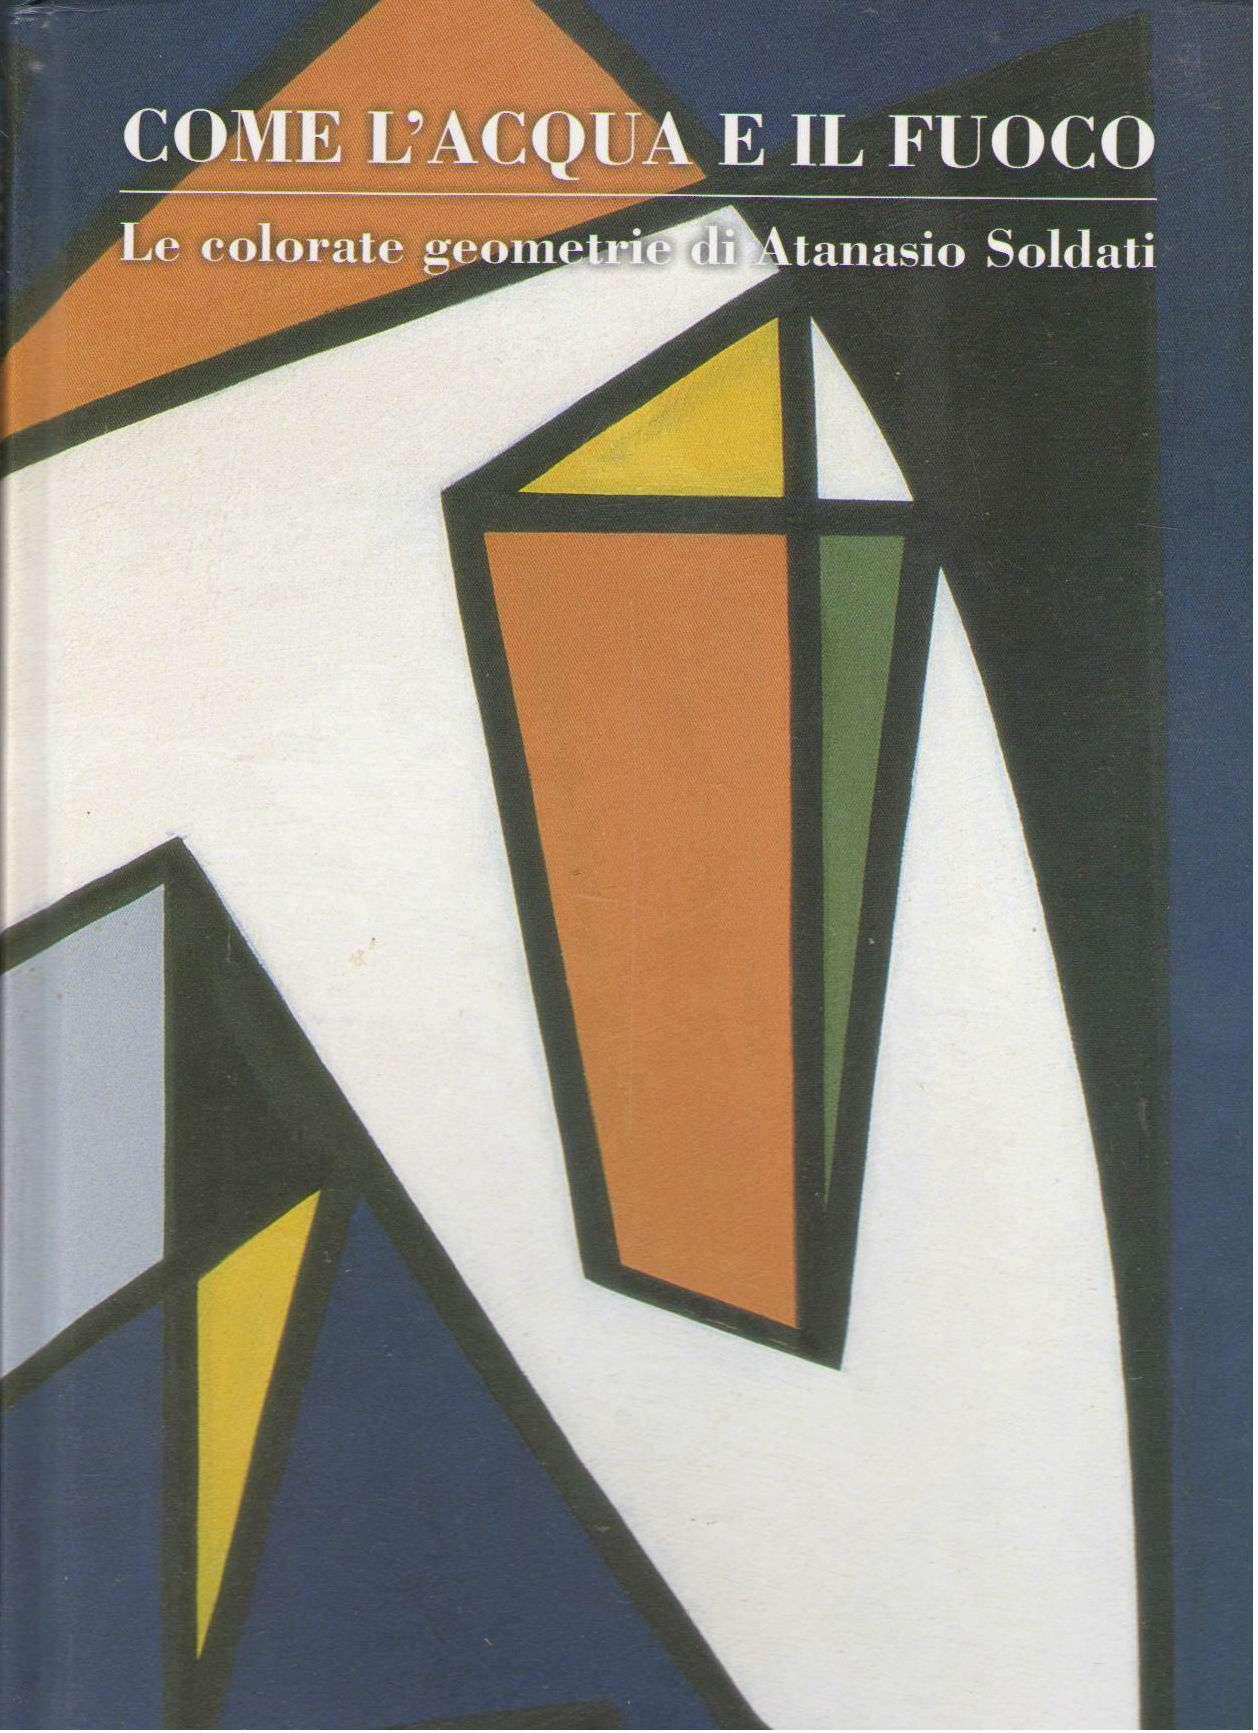 Come L'Acqua E Il Fuoco: Le colorate geometrie di Atansio Solati, Carla Dini [Gianni Cavazzini Candida Ferrari]